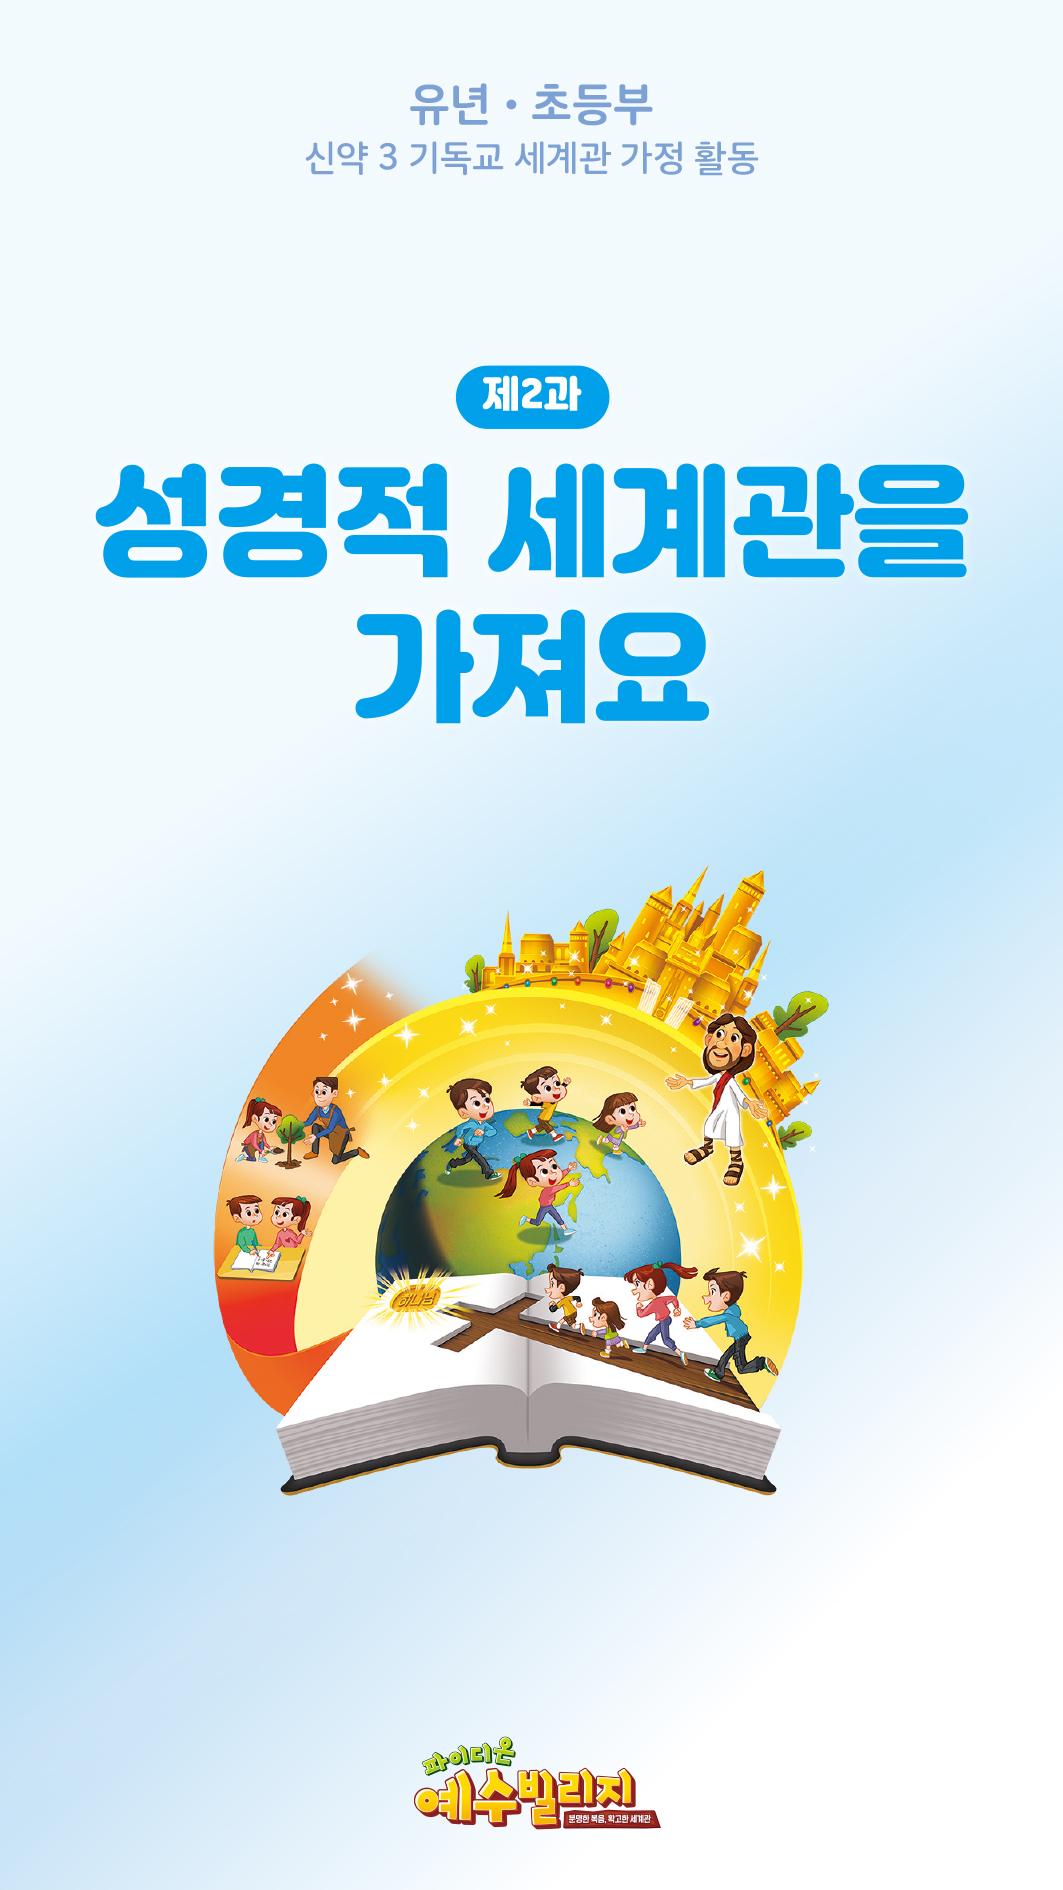 학령기 가정활동_신약3 2과 모바일-1.jpg